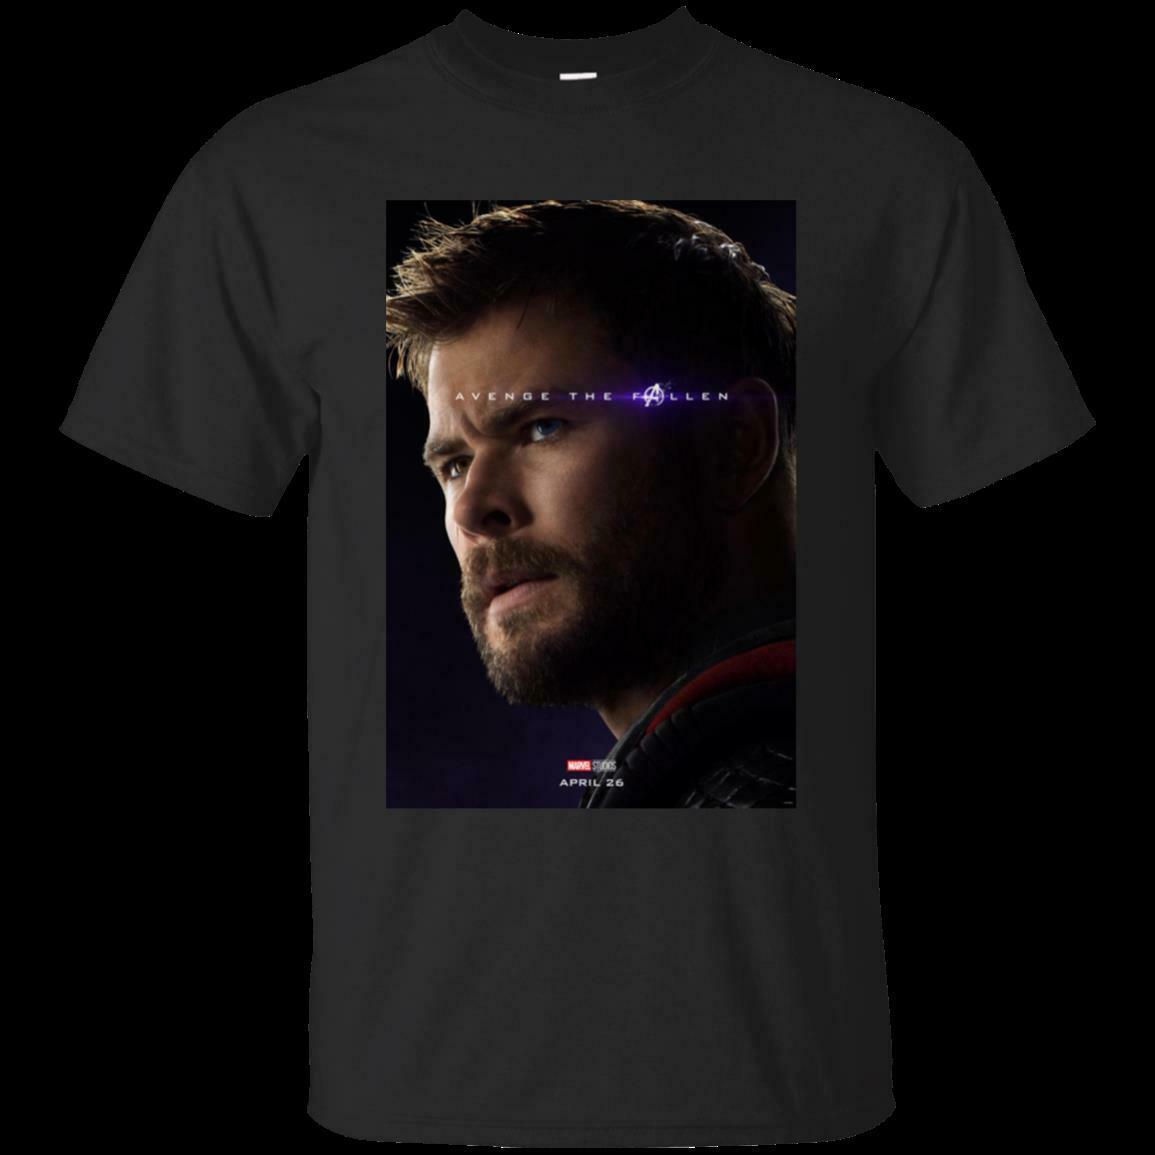 Avengers Endgame Avenge Fallen Marvel Comics Official Tee T-Shirt Mens